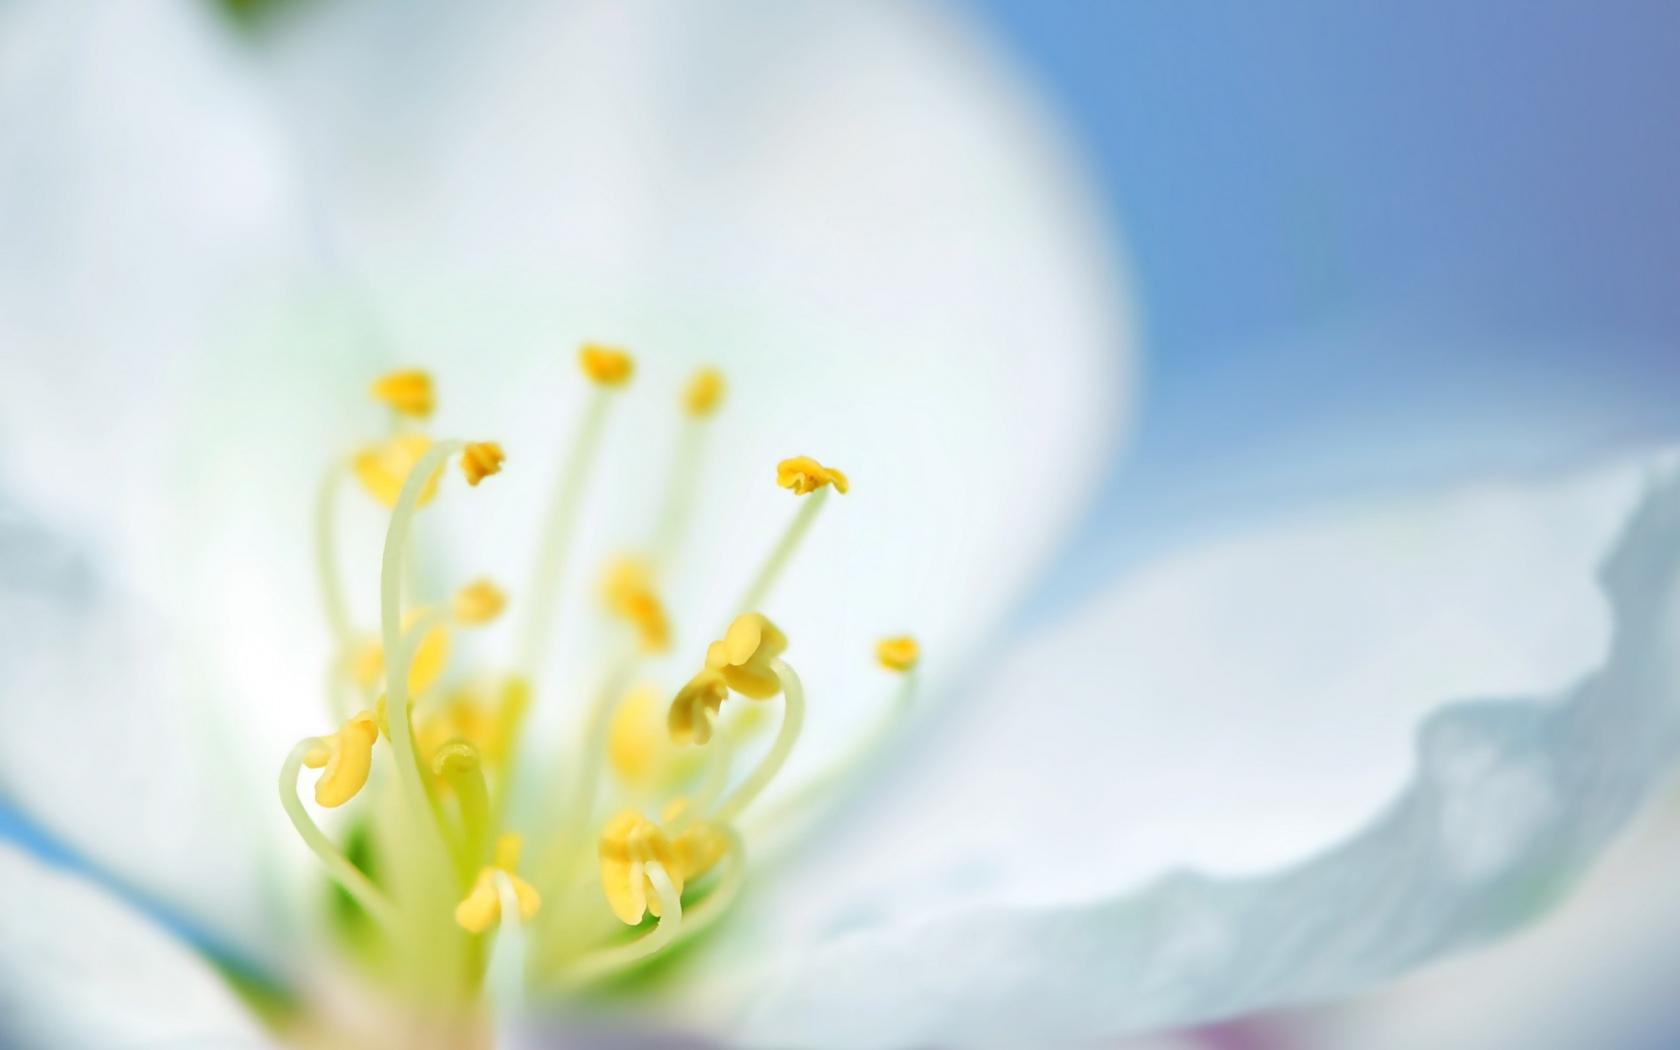 Una flor blanca en macro - 1680x1050